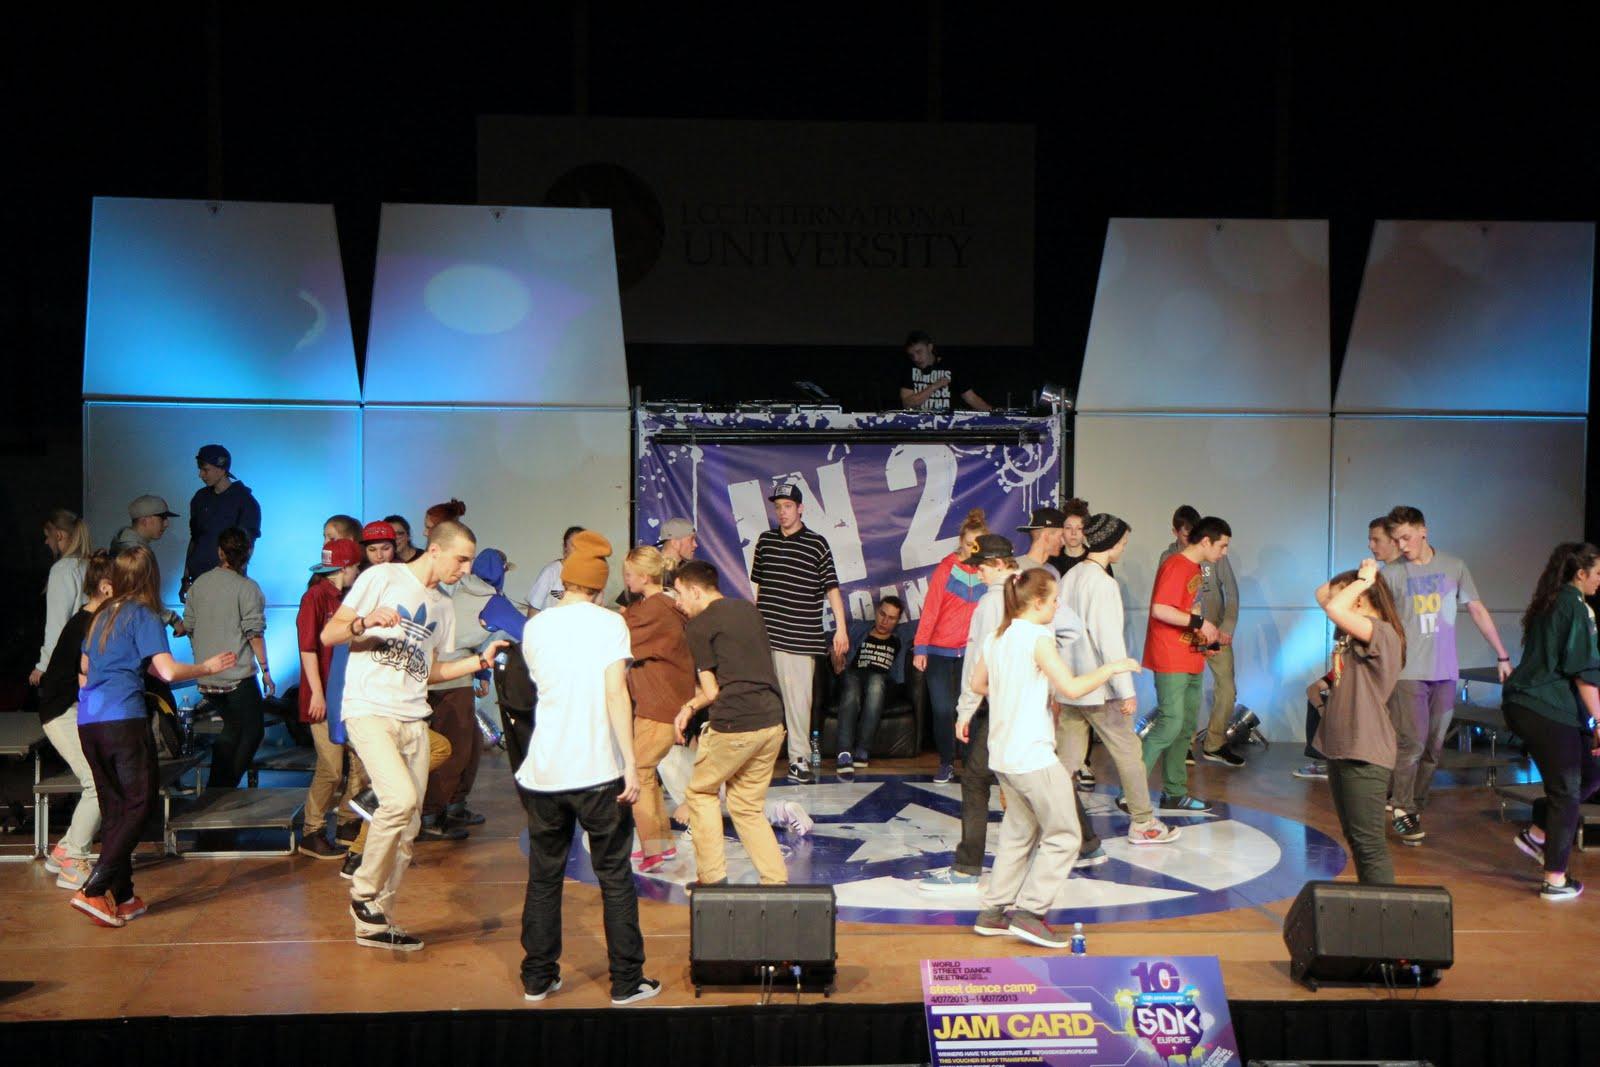 In 2 The Dance Klaipeda - IMG_9404.JPG